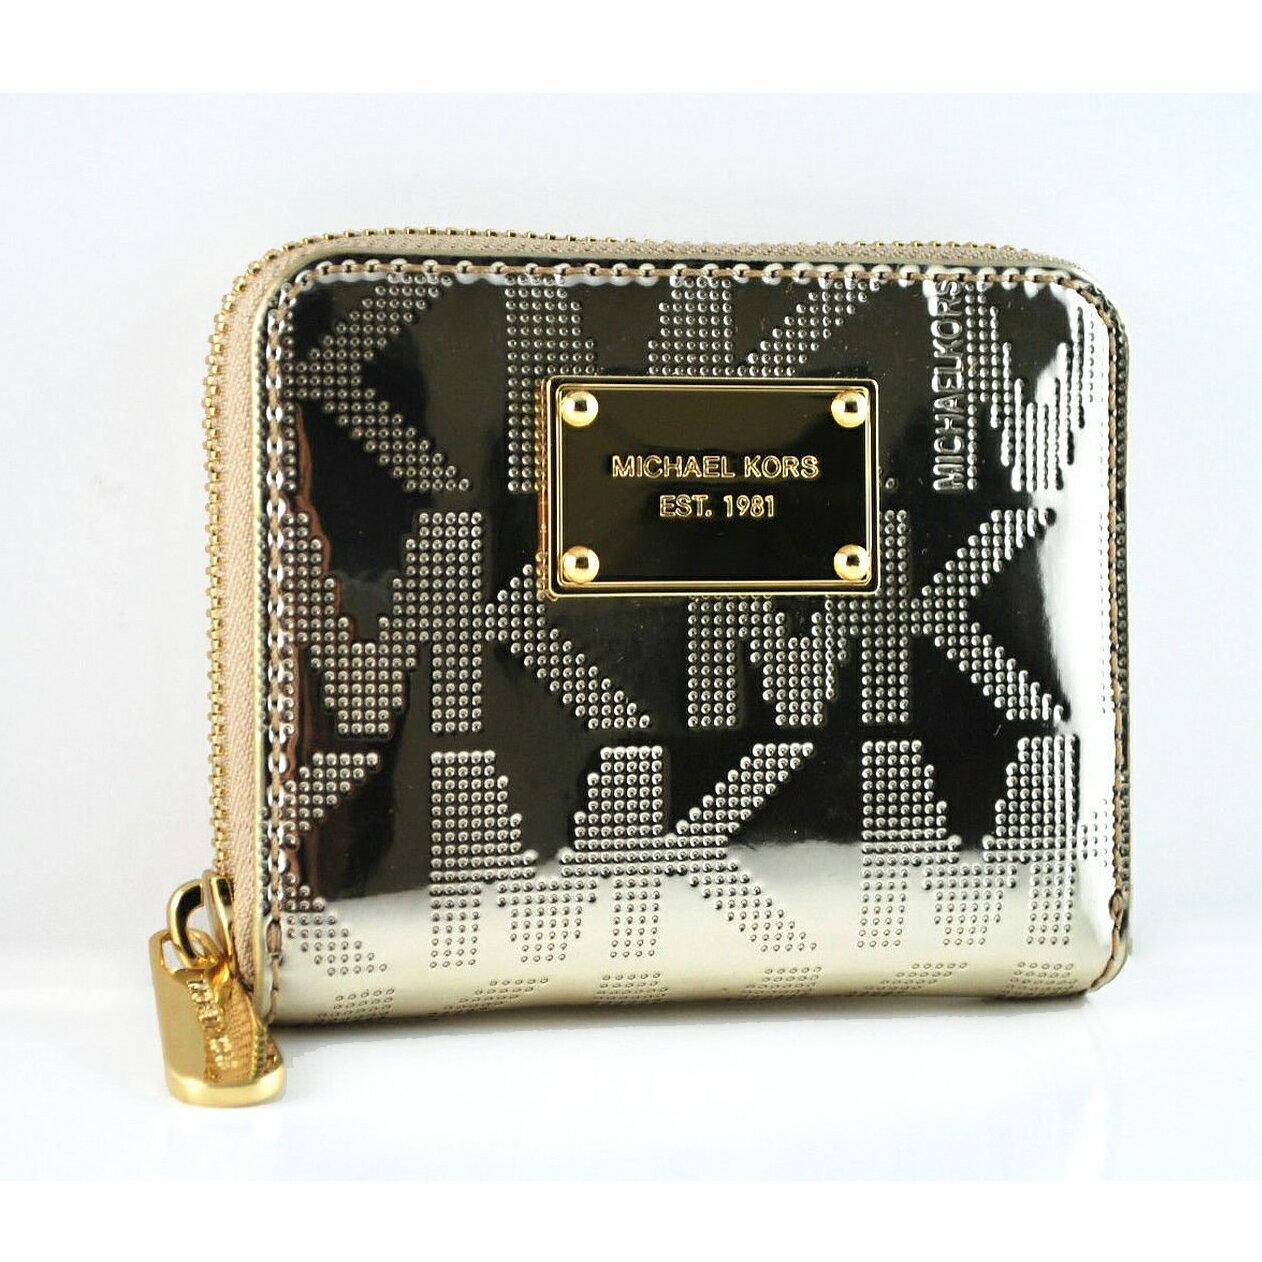 美國百分百【全新真品】Michael Kors 皮夾 小包 手拿包 隨身包 晚宴包 錢包 短夾 壓紋 漆皮 金 E349